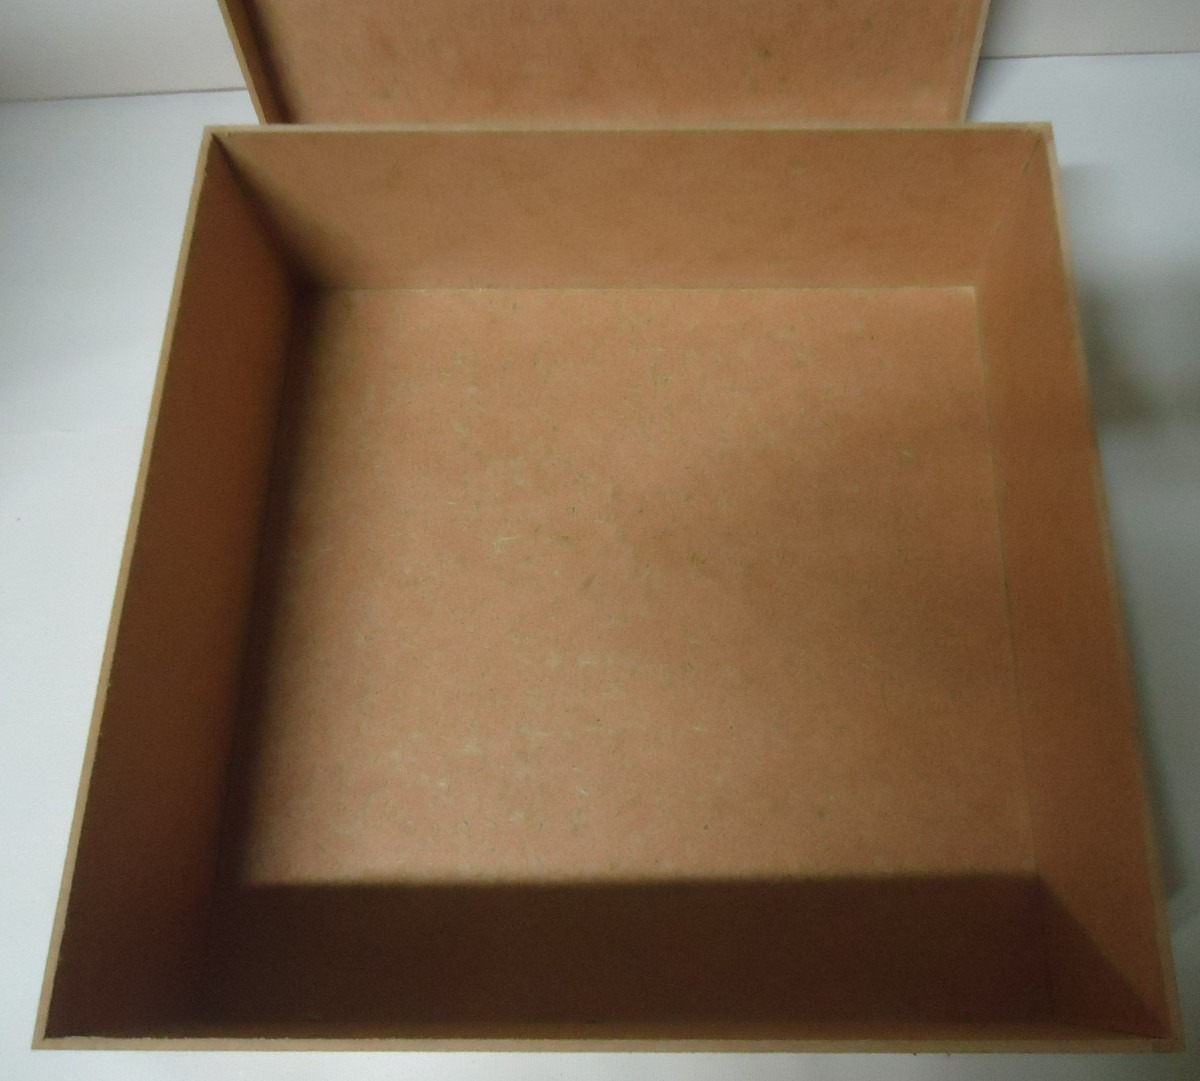 caixa de mdf cru 30x30x10 de altura 14626 MLB4120569871 042013 F.jpg #674326 1200x1081